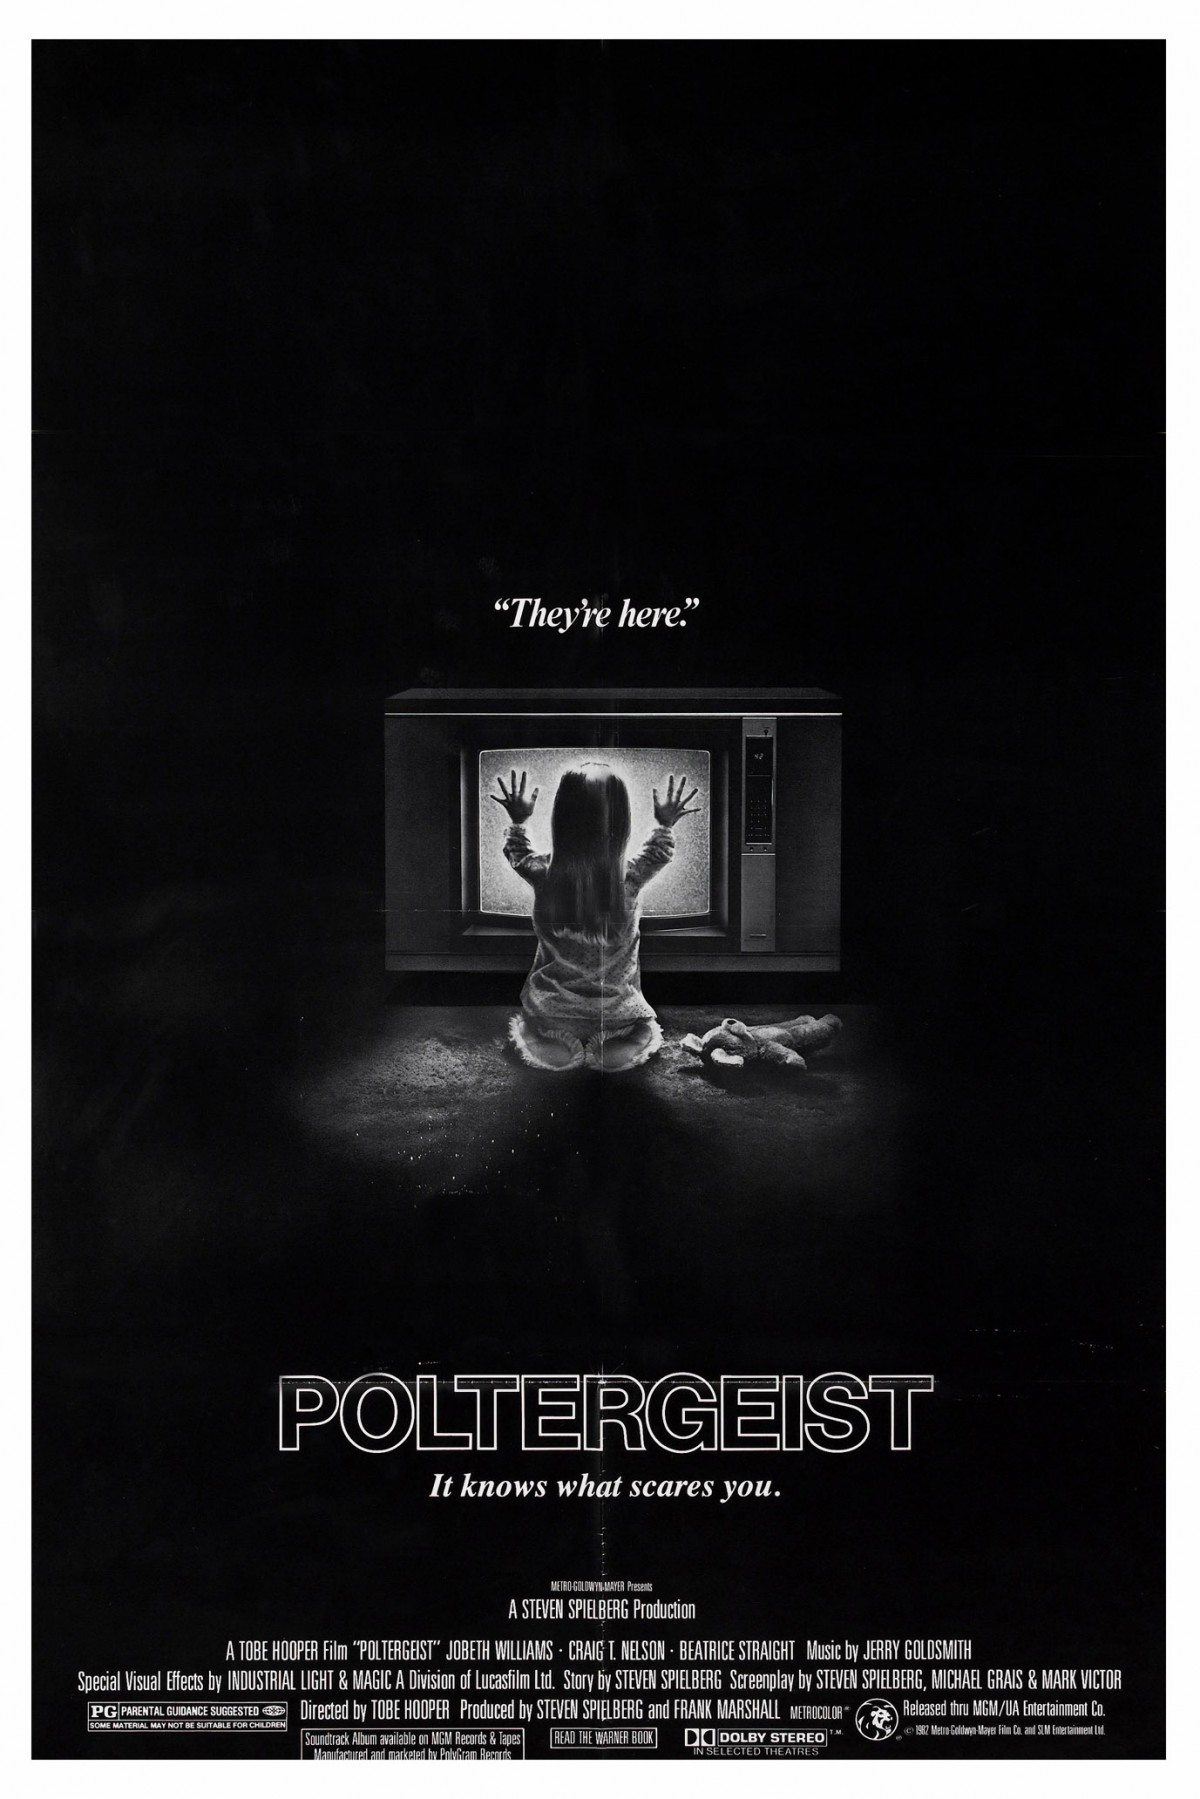 59. Poltergeist (1982)